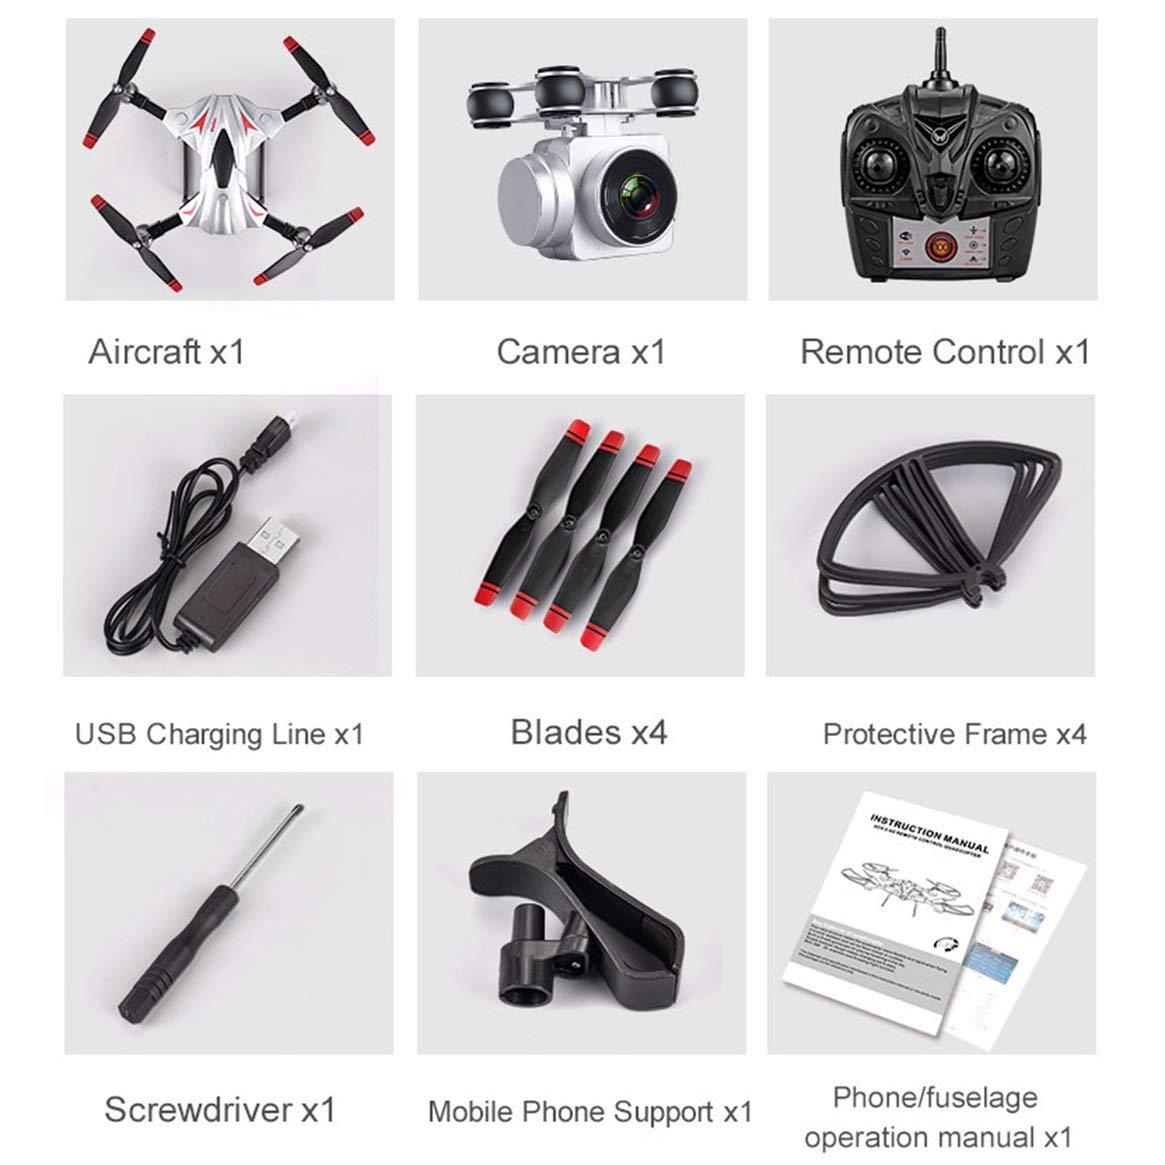 Delicacydex S13 4 Kanal 6 Achsen Lange Ausdauer Fernbedienung Quadcopter Kamera Drone UAV Positioniersystem Flugzeug mit 0.3MP Kamera